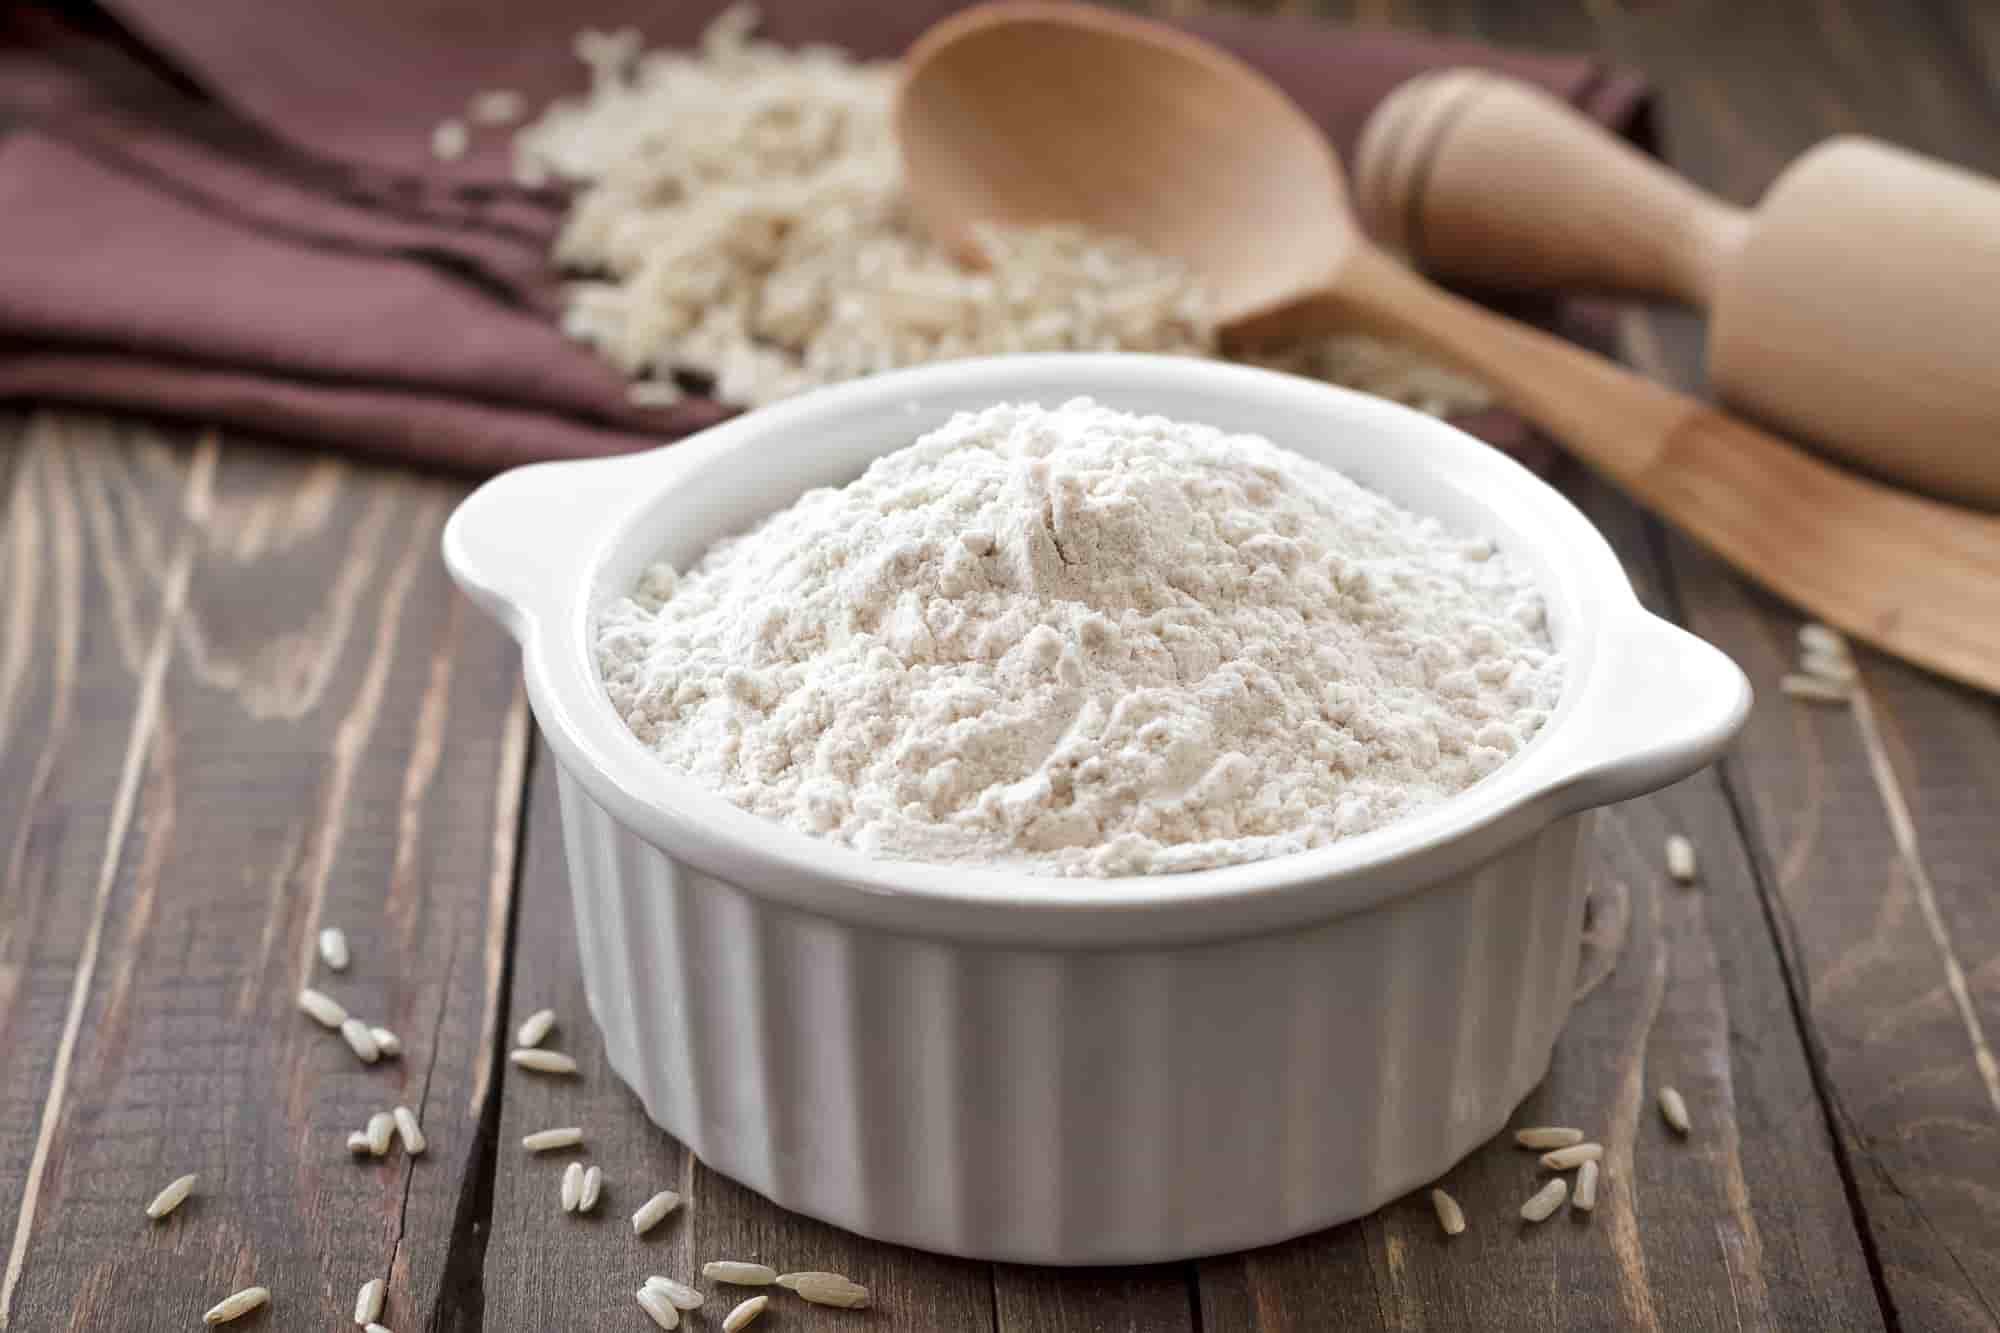 Сколько грамм рисовой муки в стакане